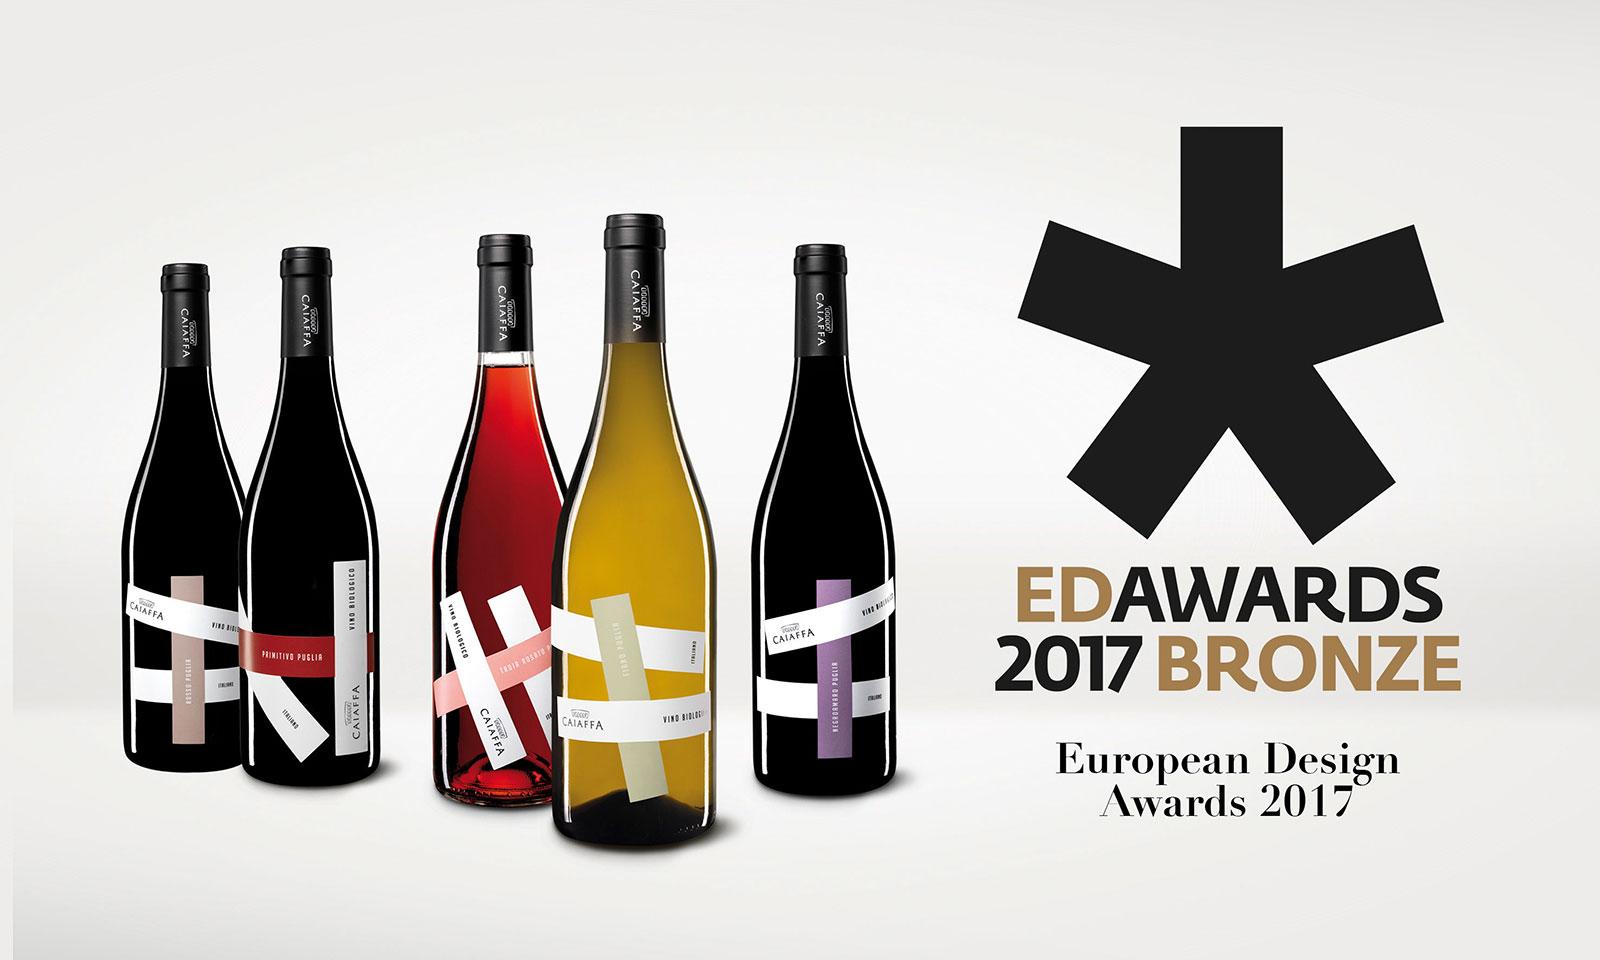 European Design 2017 Awards